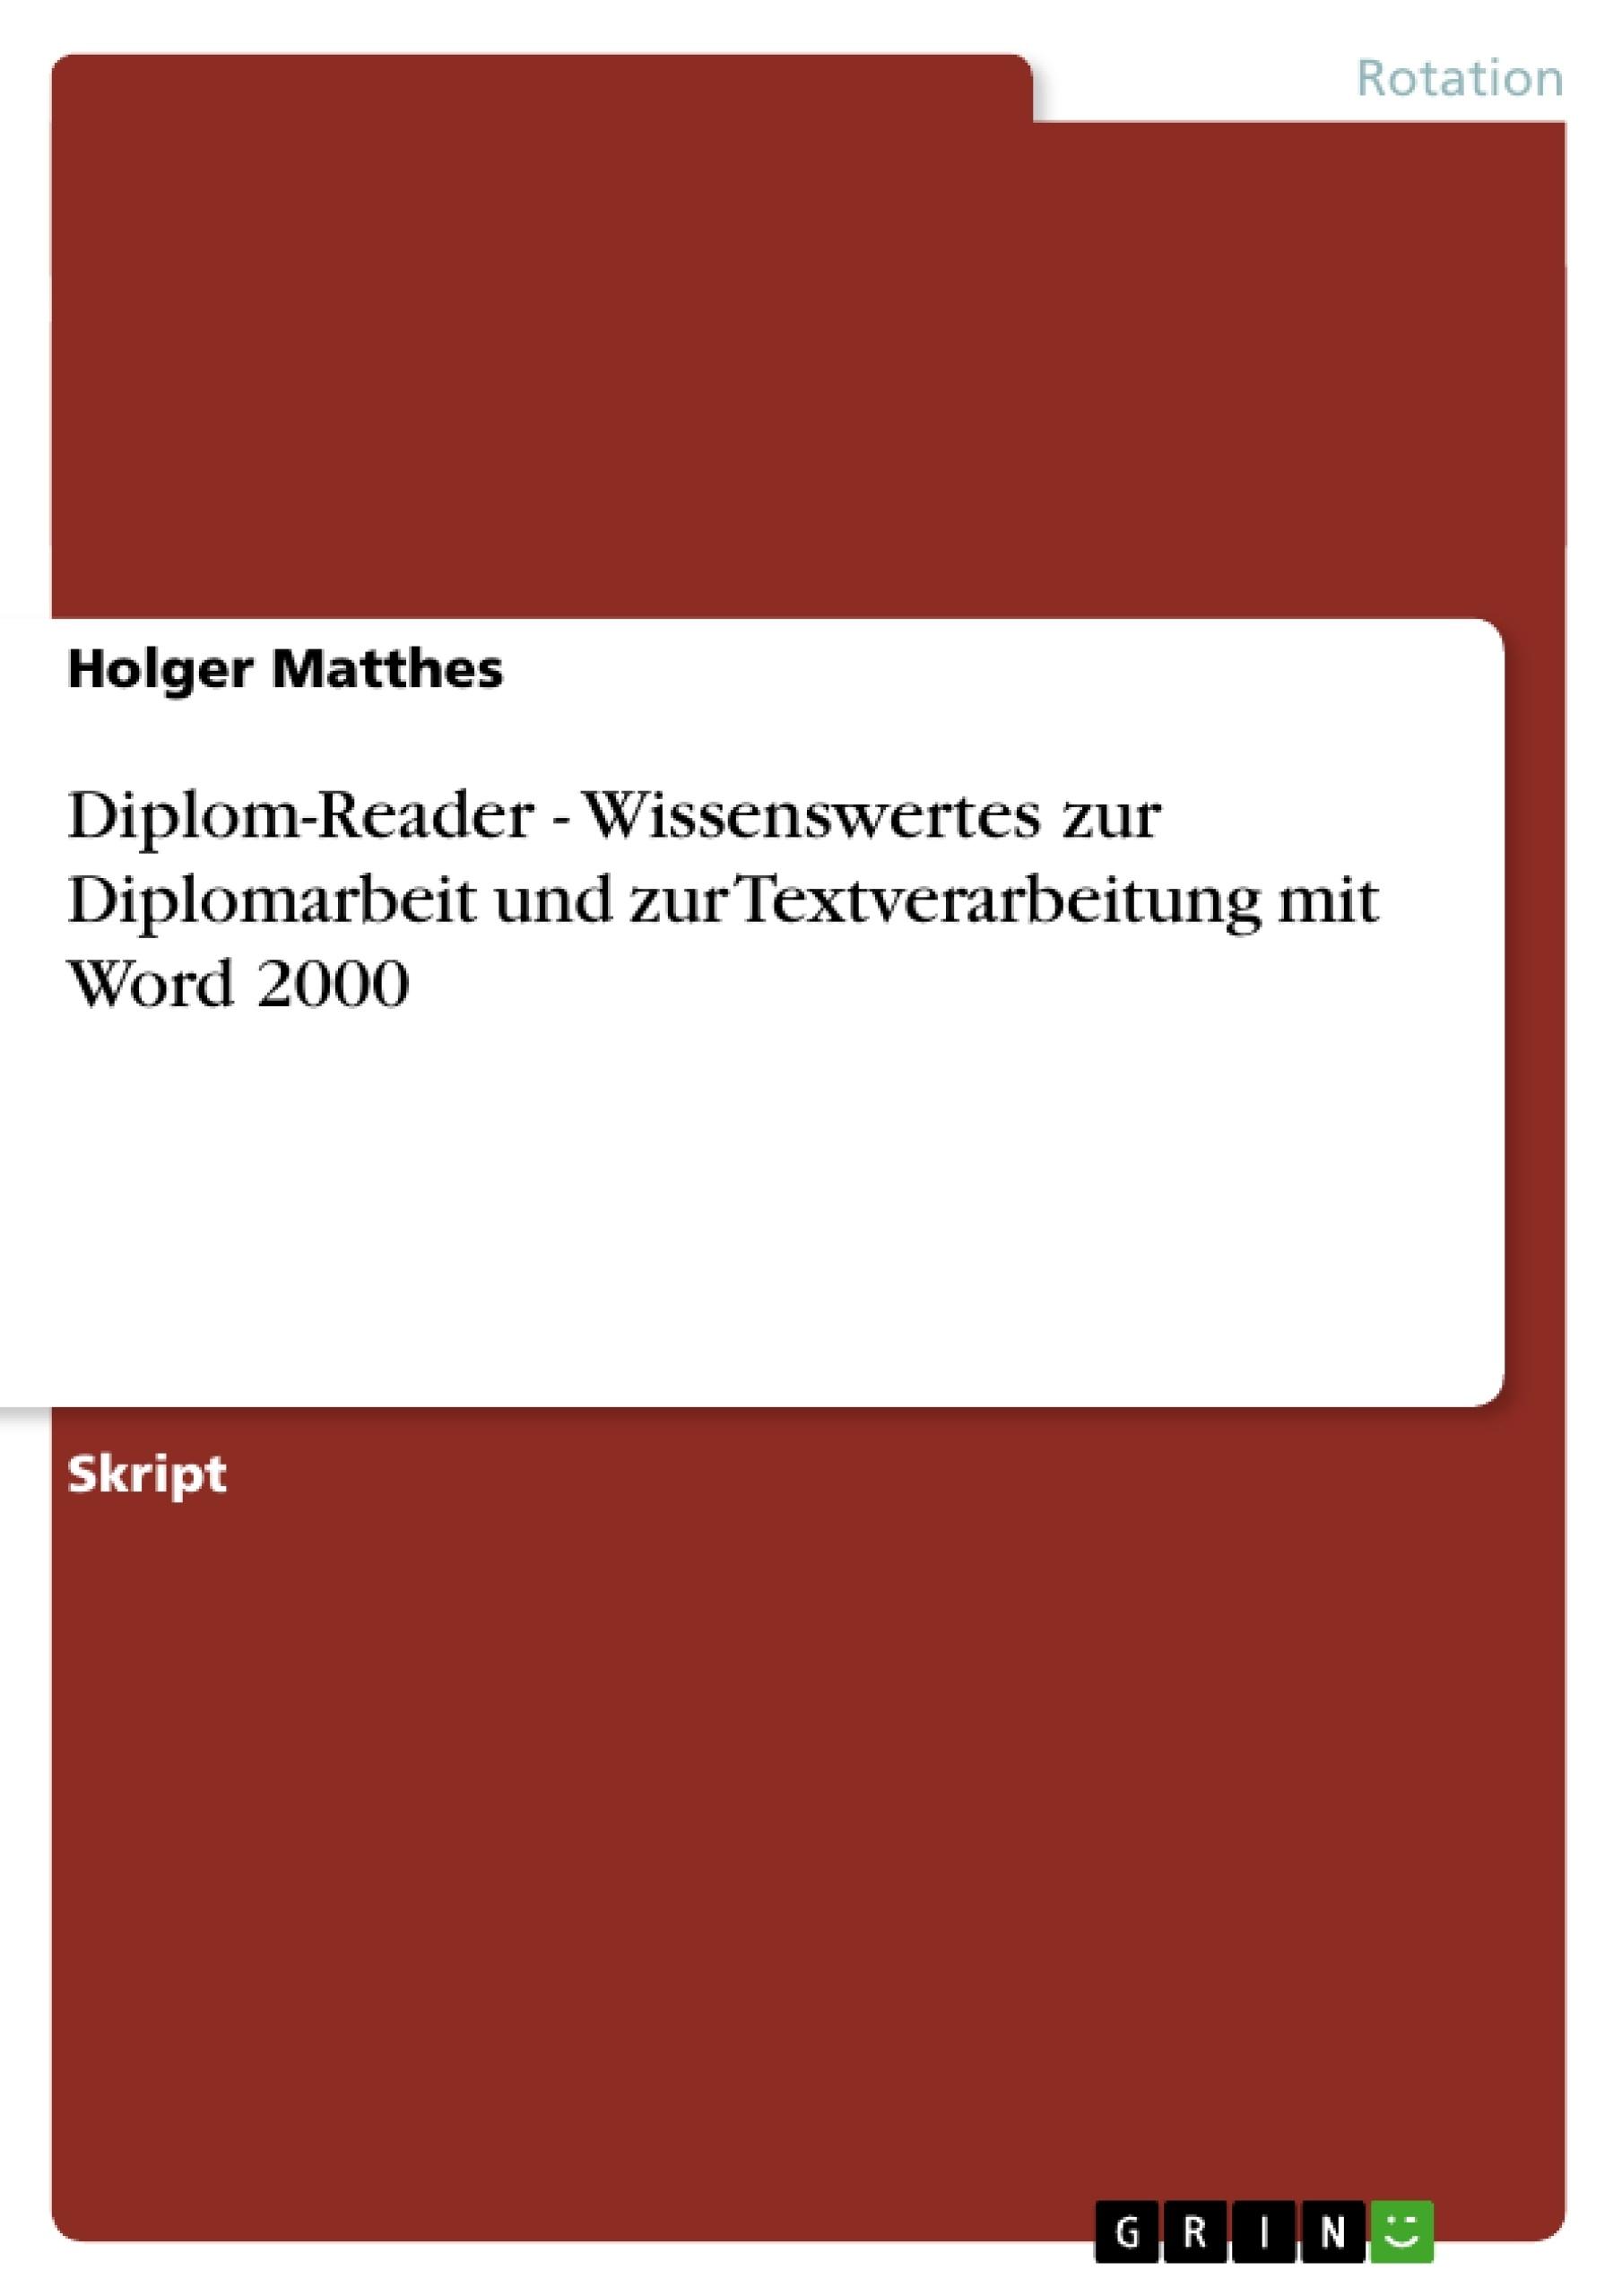 Titel: Diplom-Reader - Wissenswertes zur Diplomarbeit und zur Textverarbeitung mit Word 2000